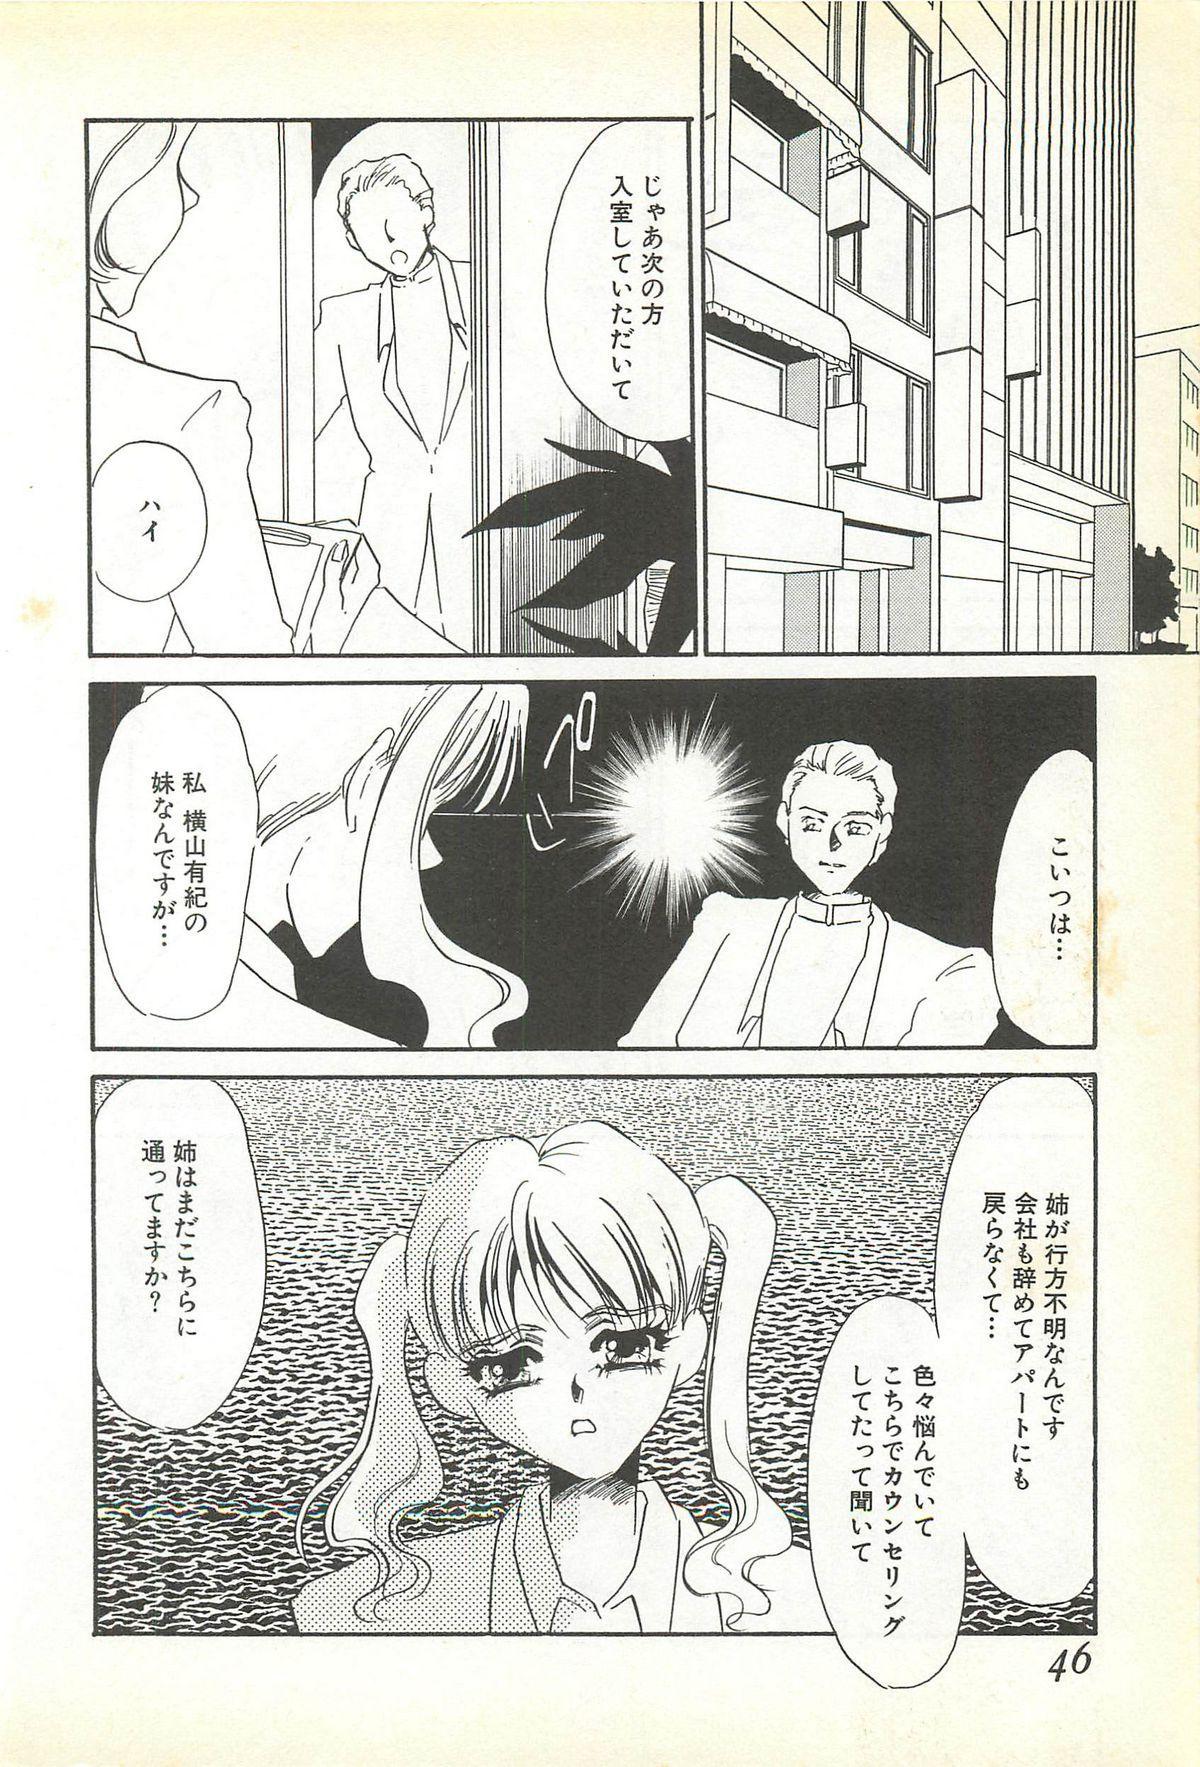 Chigyaku no Heya - A Shameful Punishment Room 42